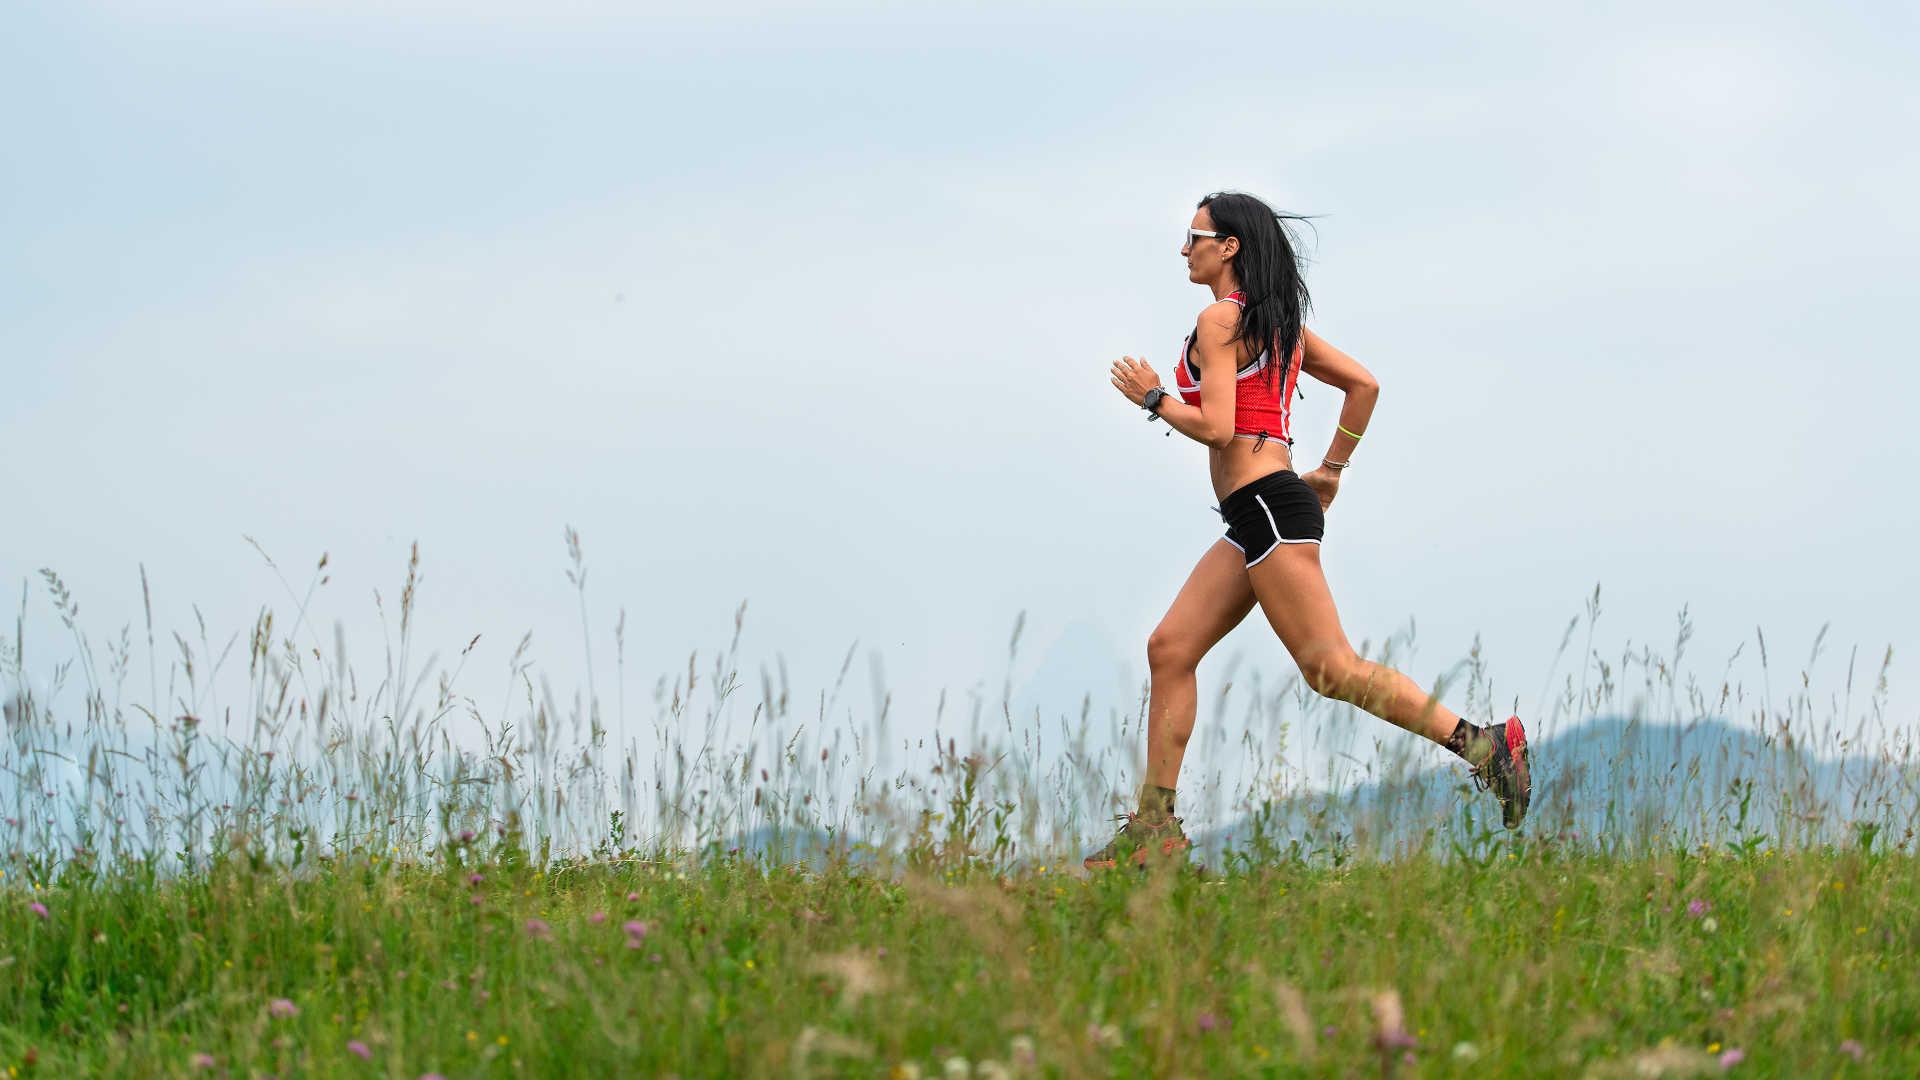 quanti chilometri correre